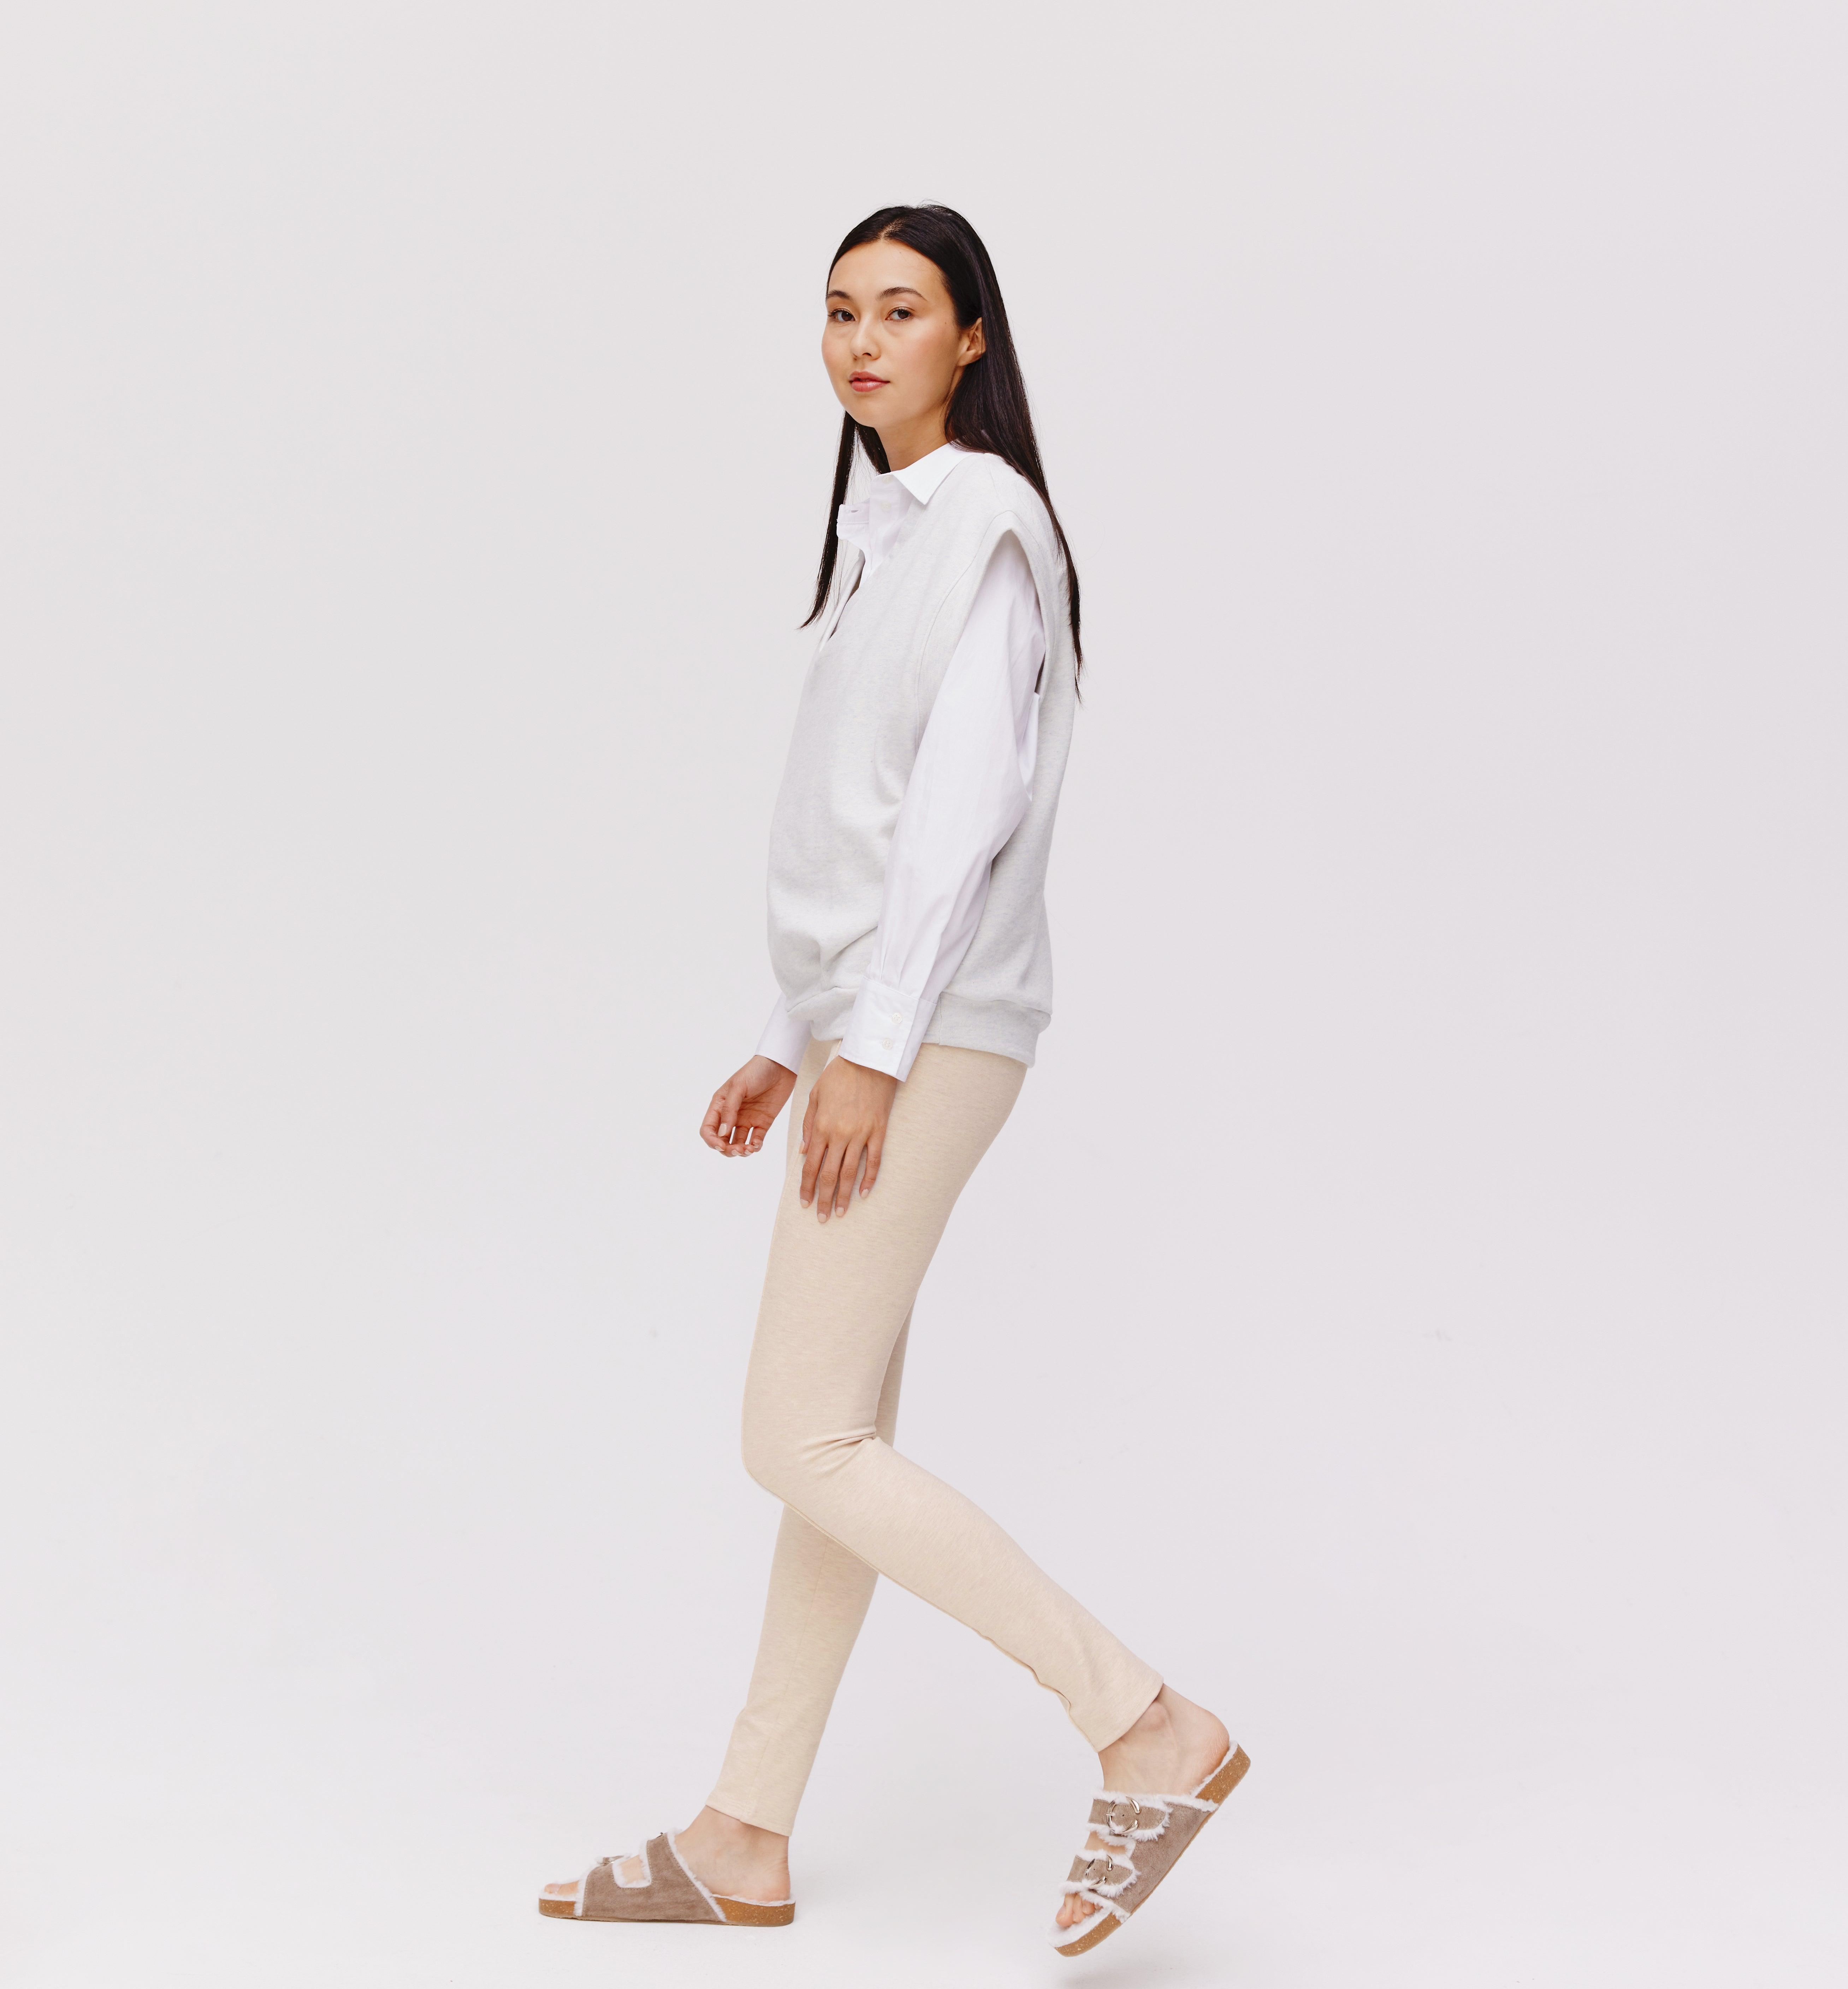 Legging style jodhpur Femme